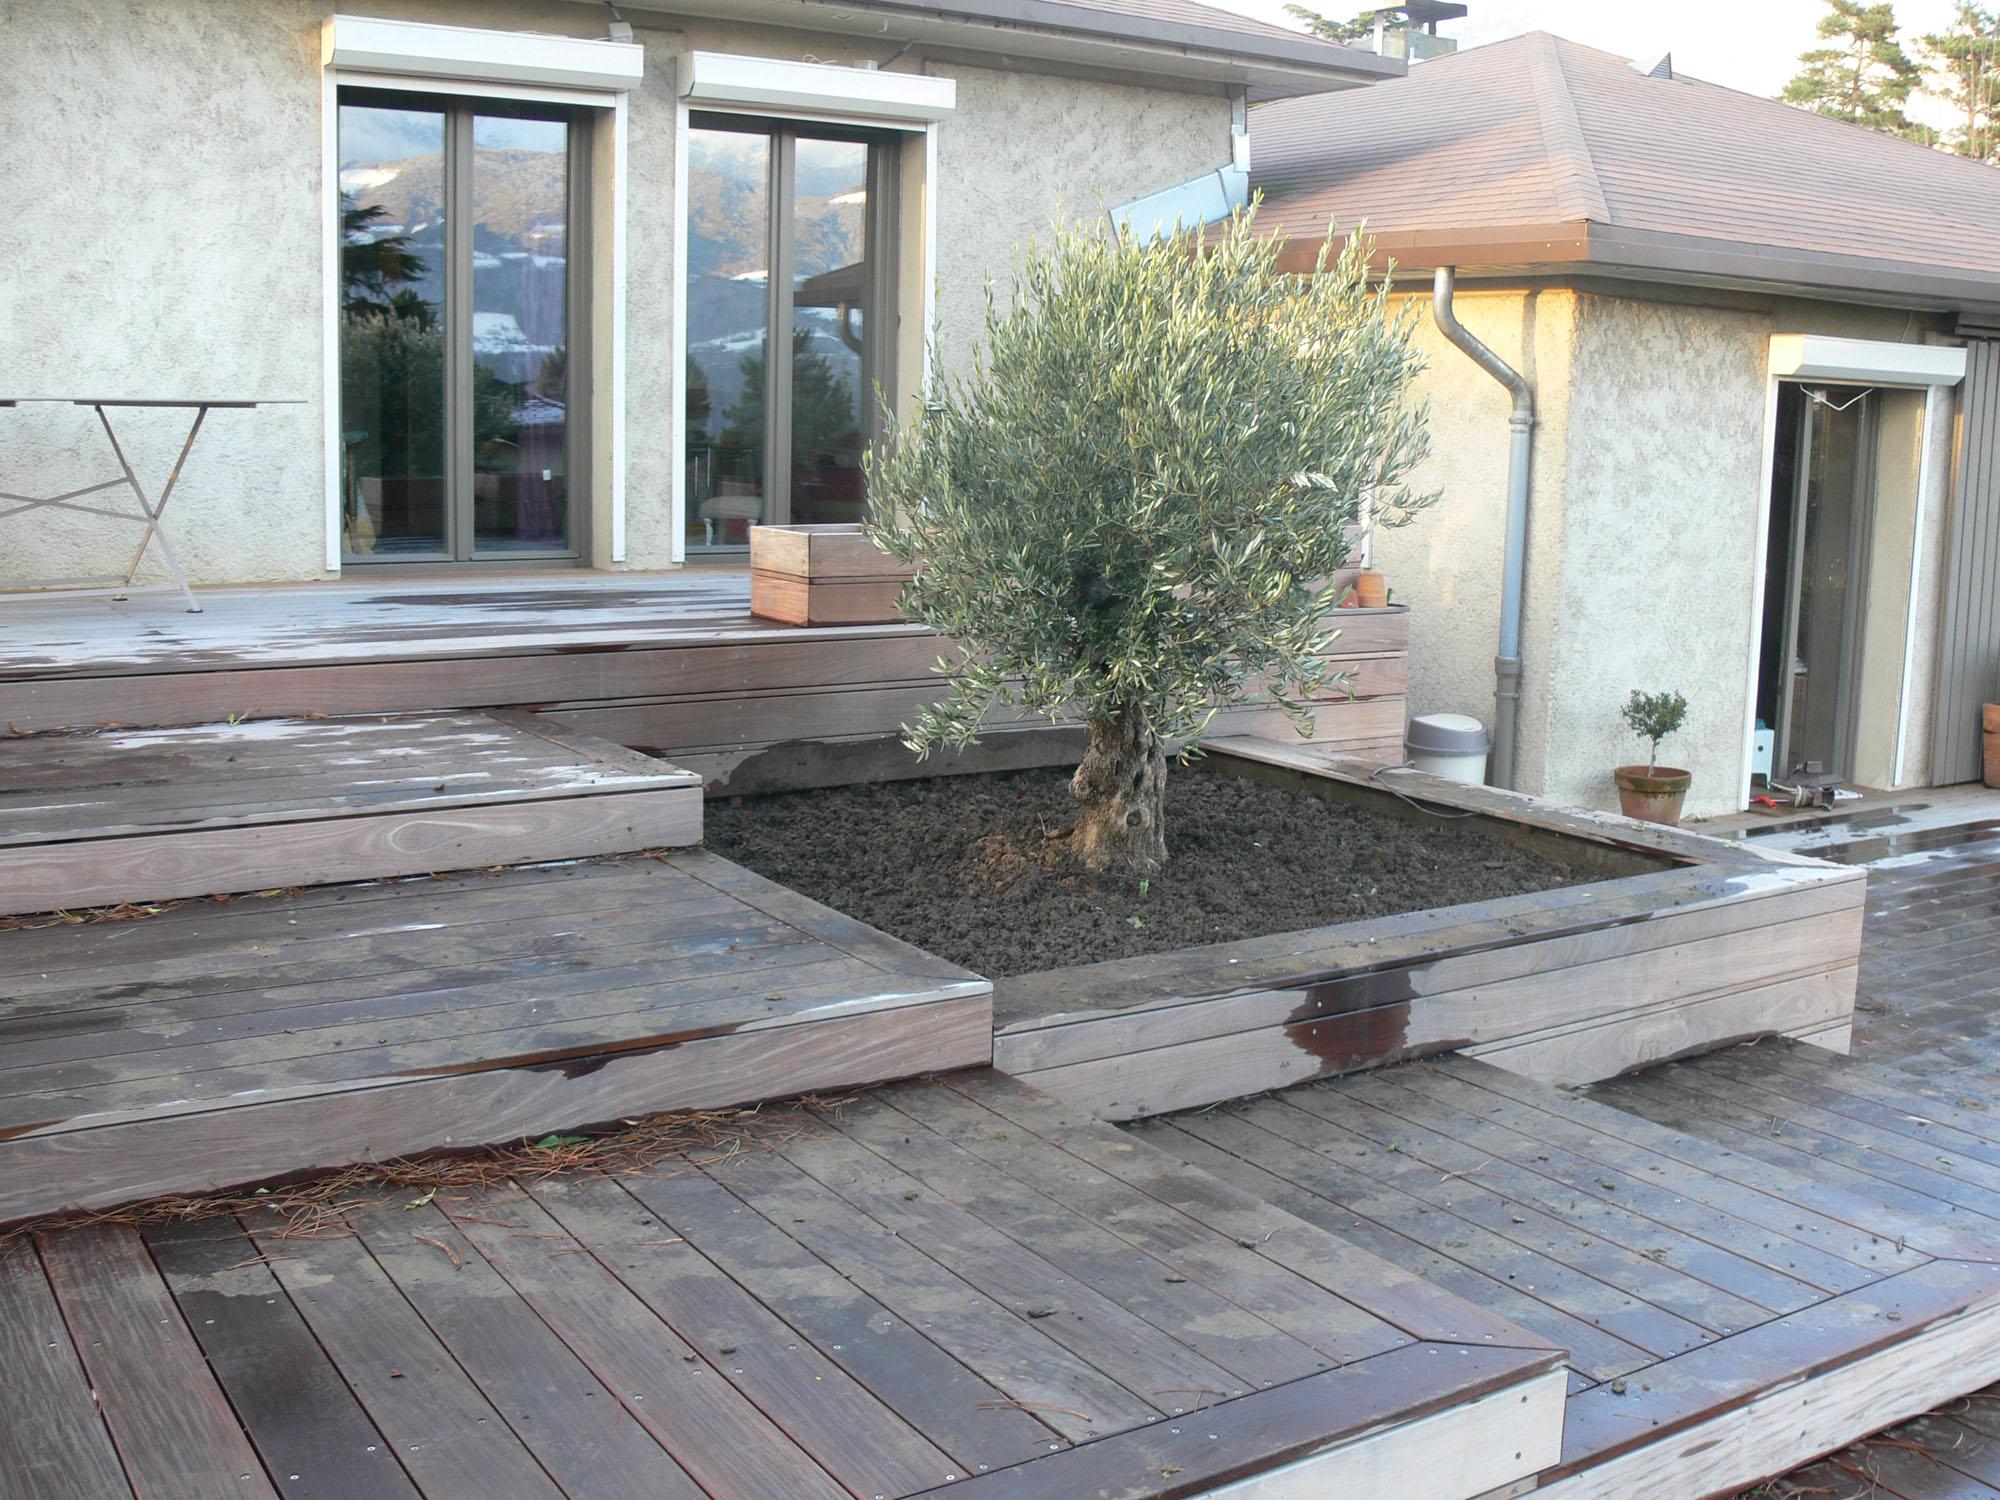 Cr ation et entretien d espace vert l 39 artisan des jardins for Creation espace vert